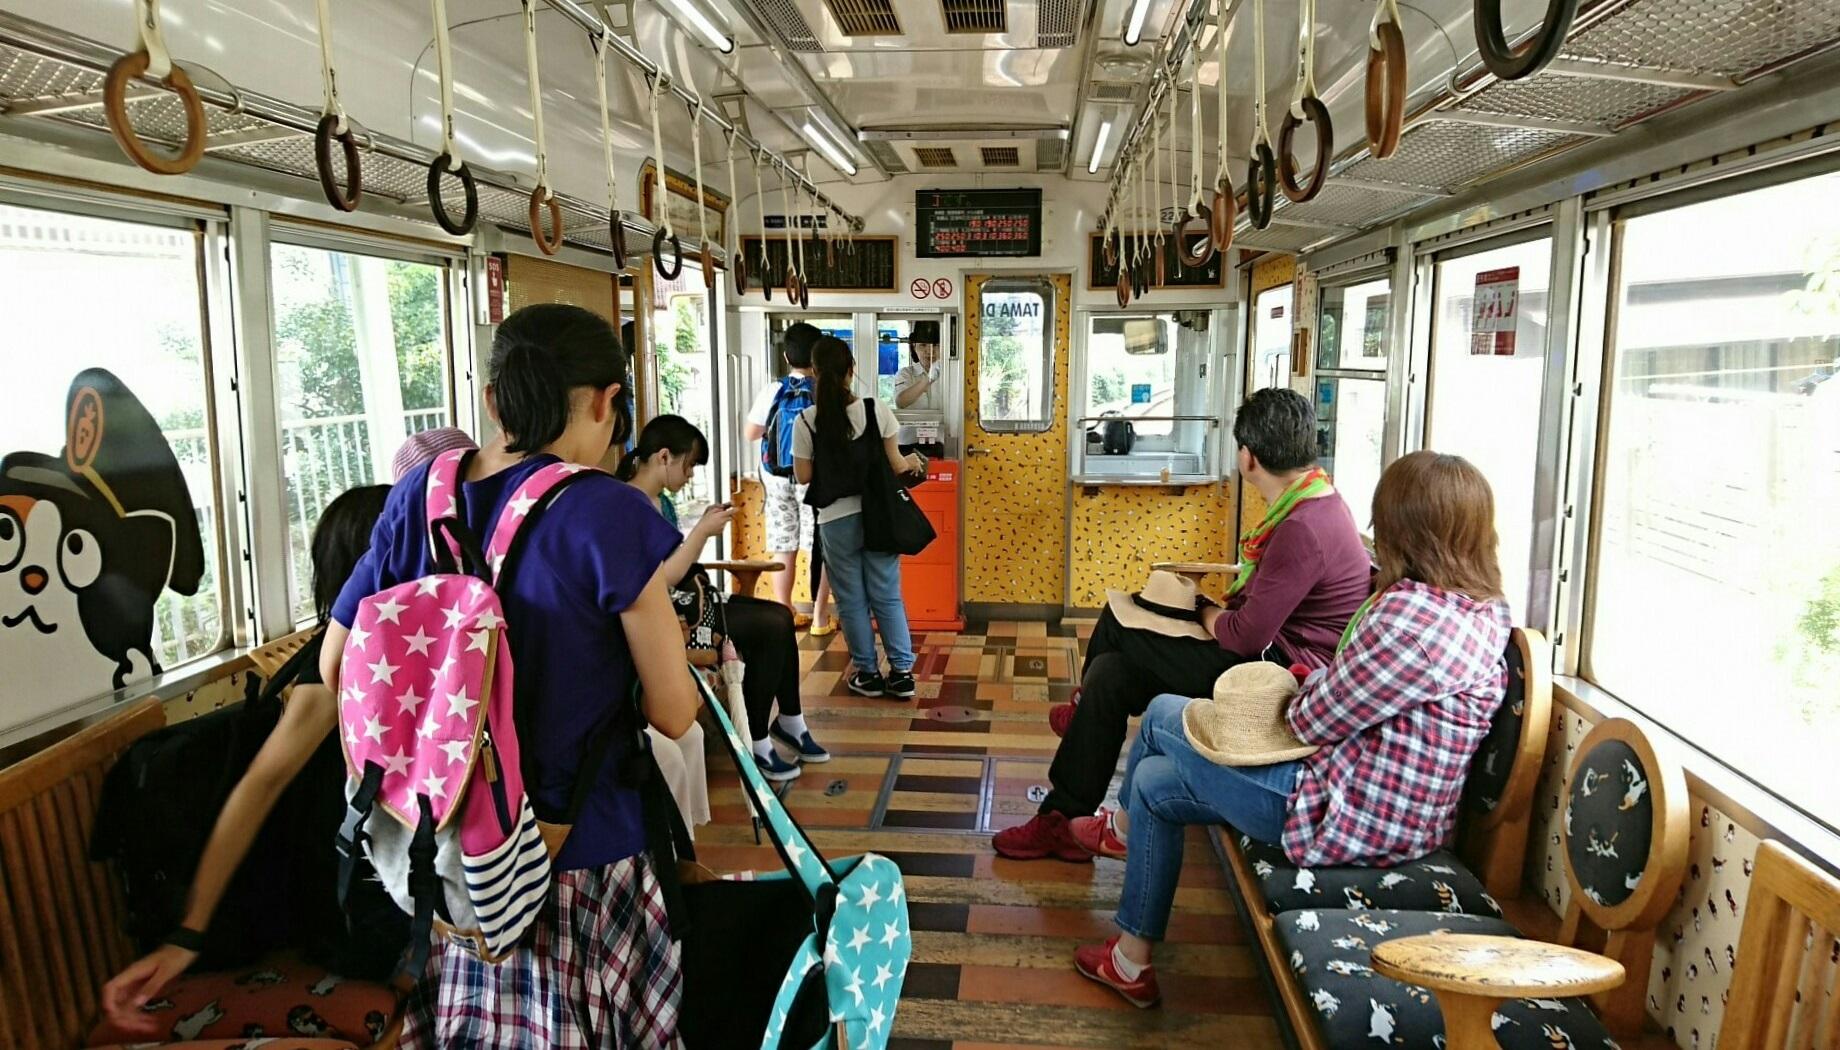 2017.8.17 たま電車 (27) 和歌山いきふつう〔たま電車〕 1840-1050